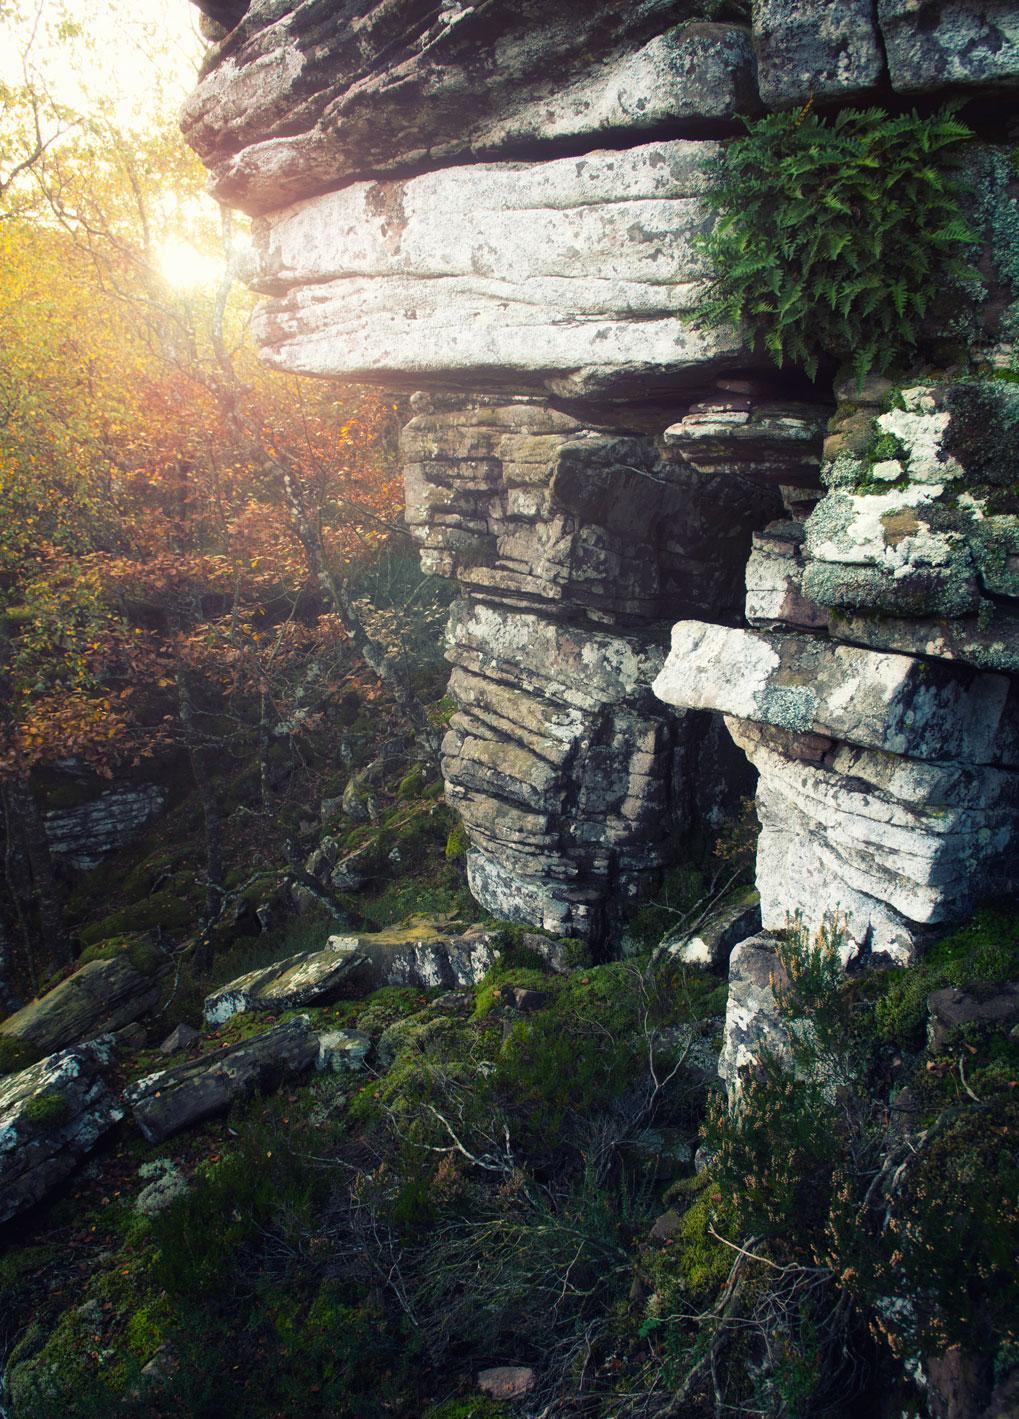 El portal de piedra - Archivo - Iñaki Larrea, Fotografía de naturaleza y montaña